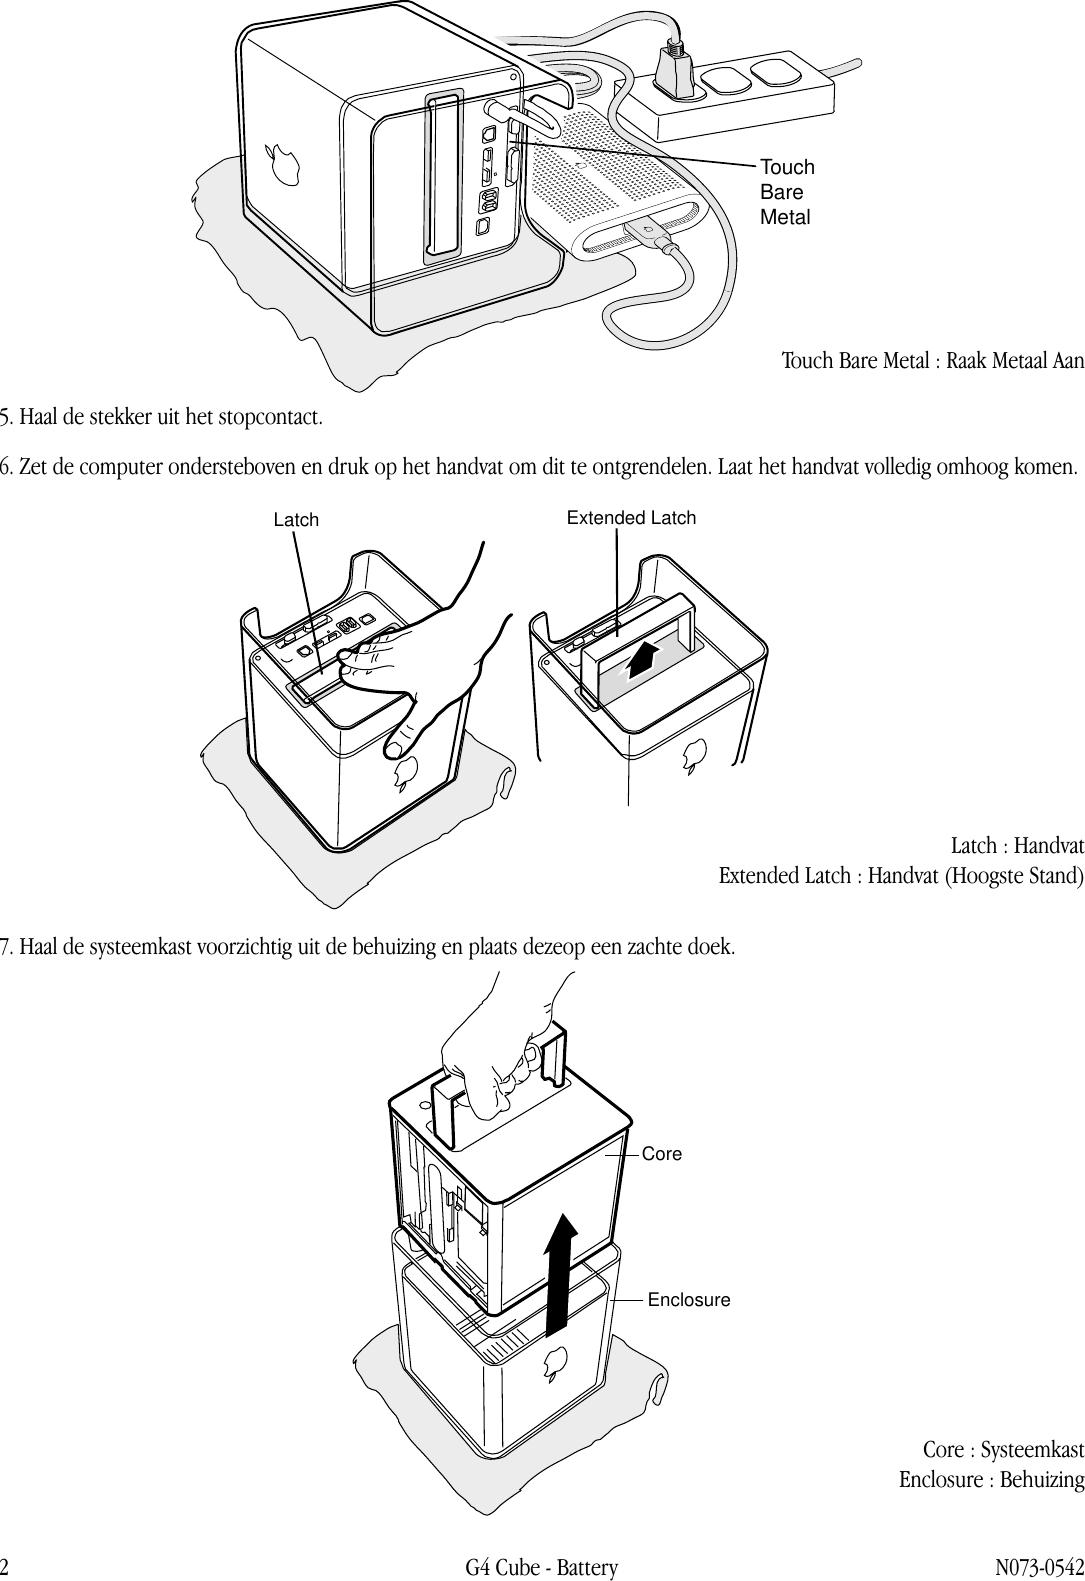 Apple PowerMacG4(Cube) Battery User Manual Power Mac G4